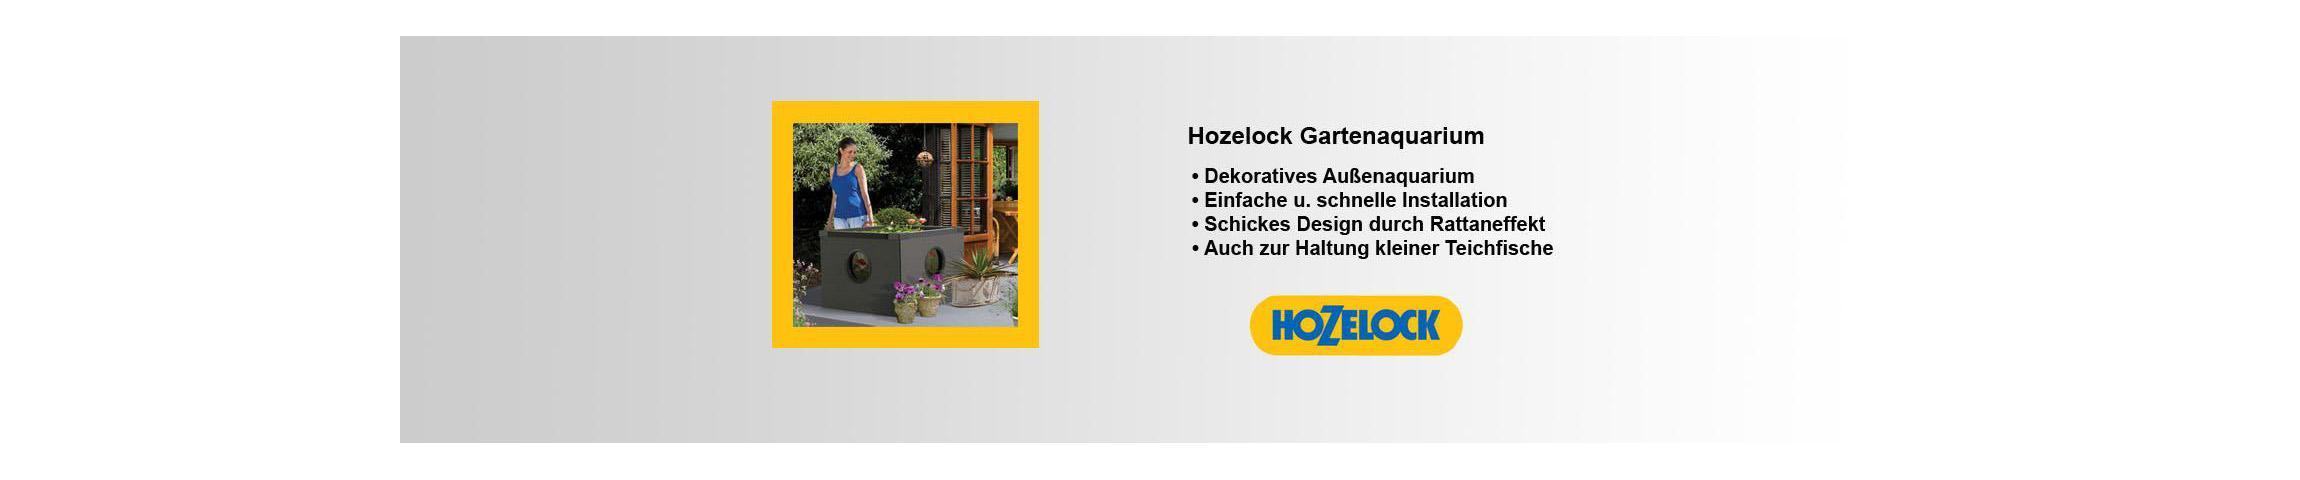 Hozelock Gartenaquarium